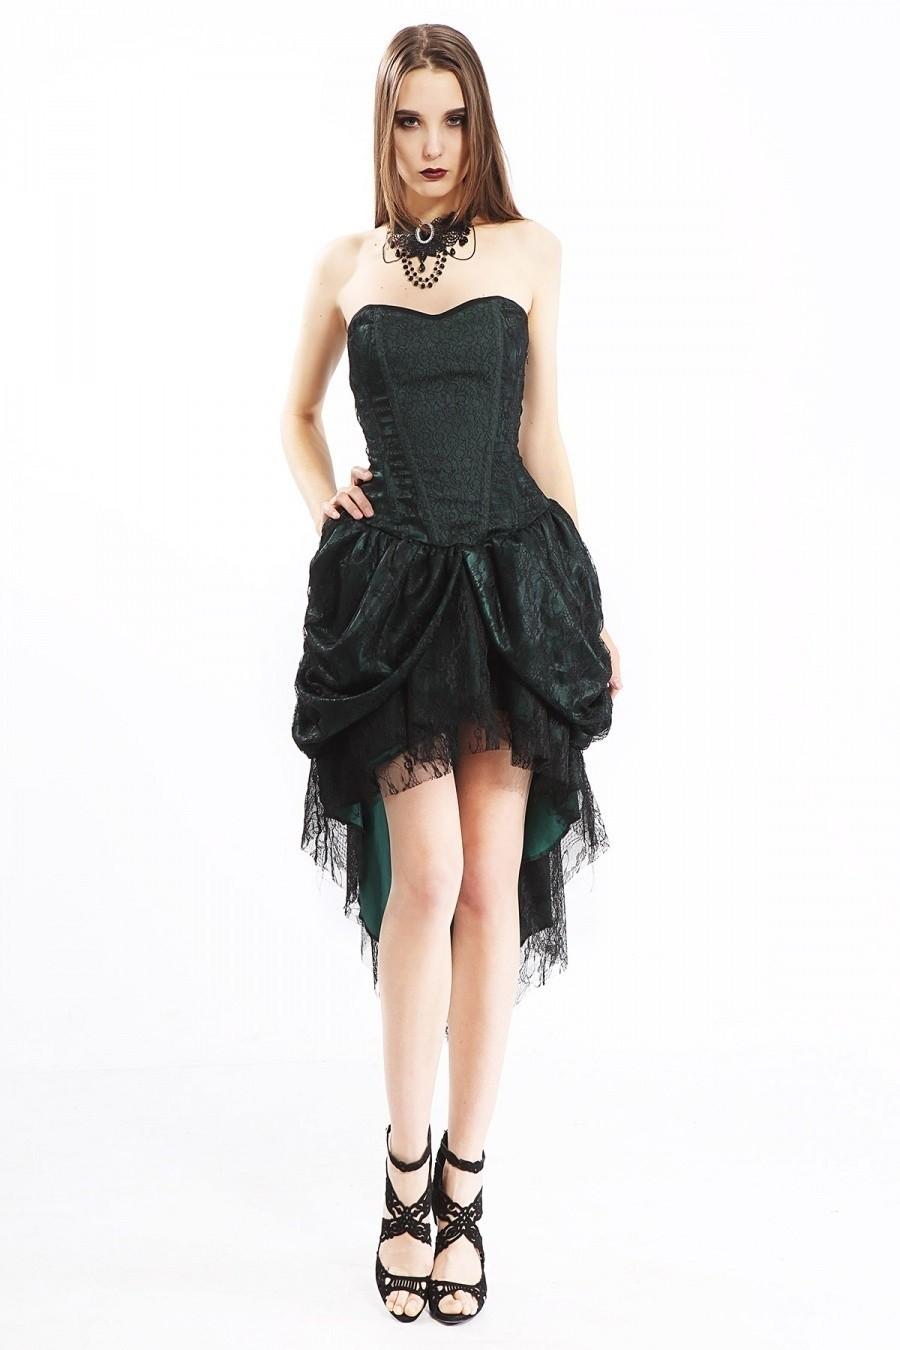 Jurk met corsettop, groen satijn met kant